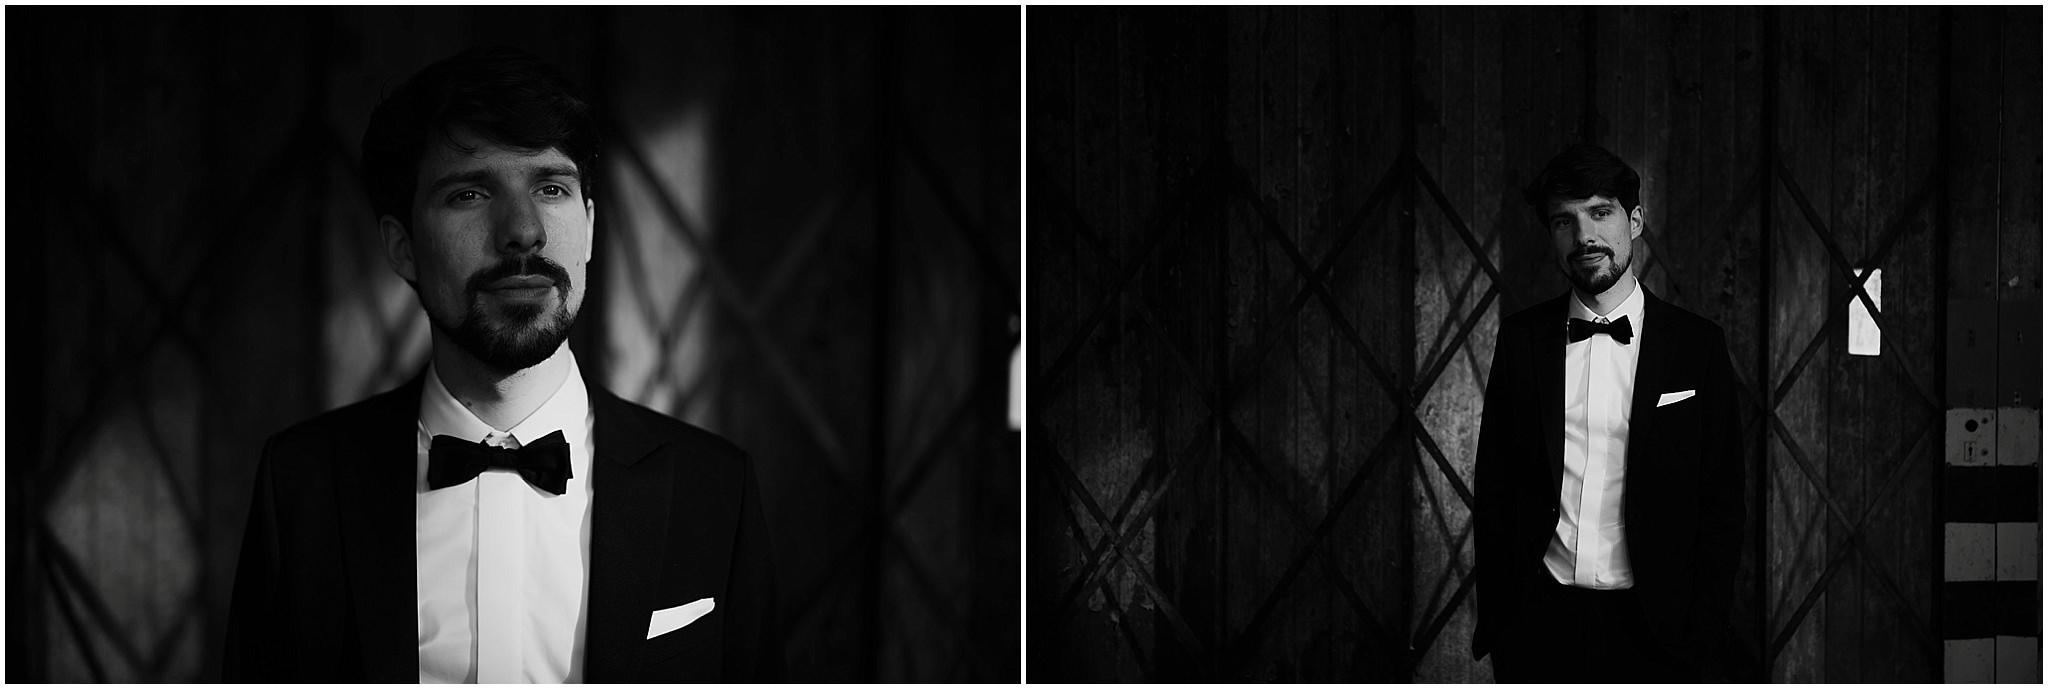 Naomi van der Kraan trouwfotografie Belgie 0086.jpg